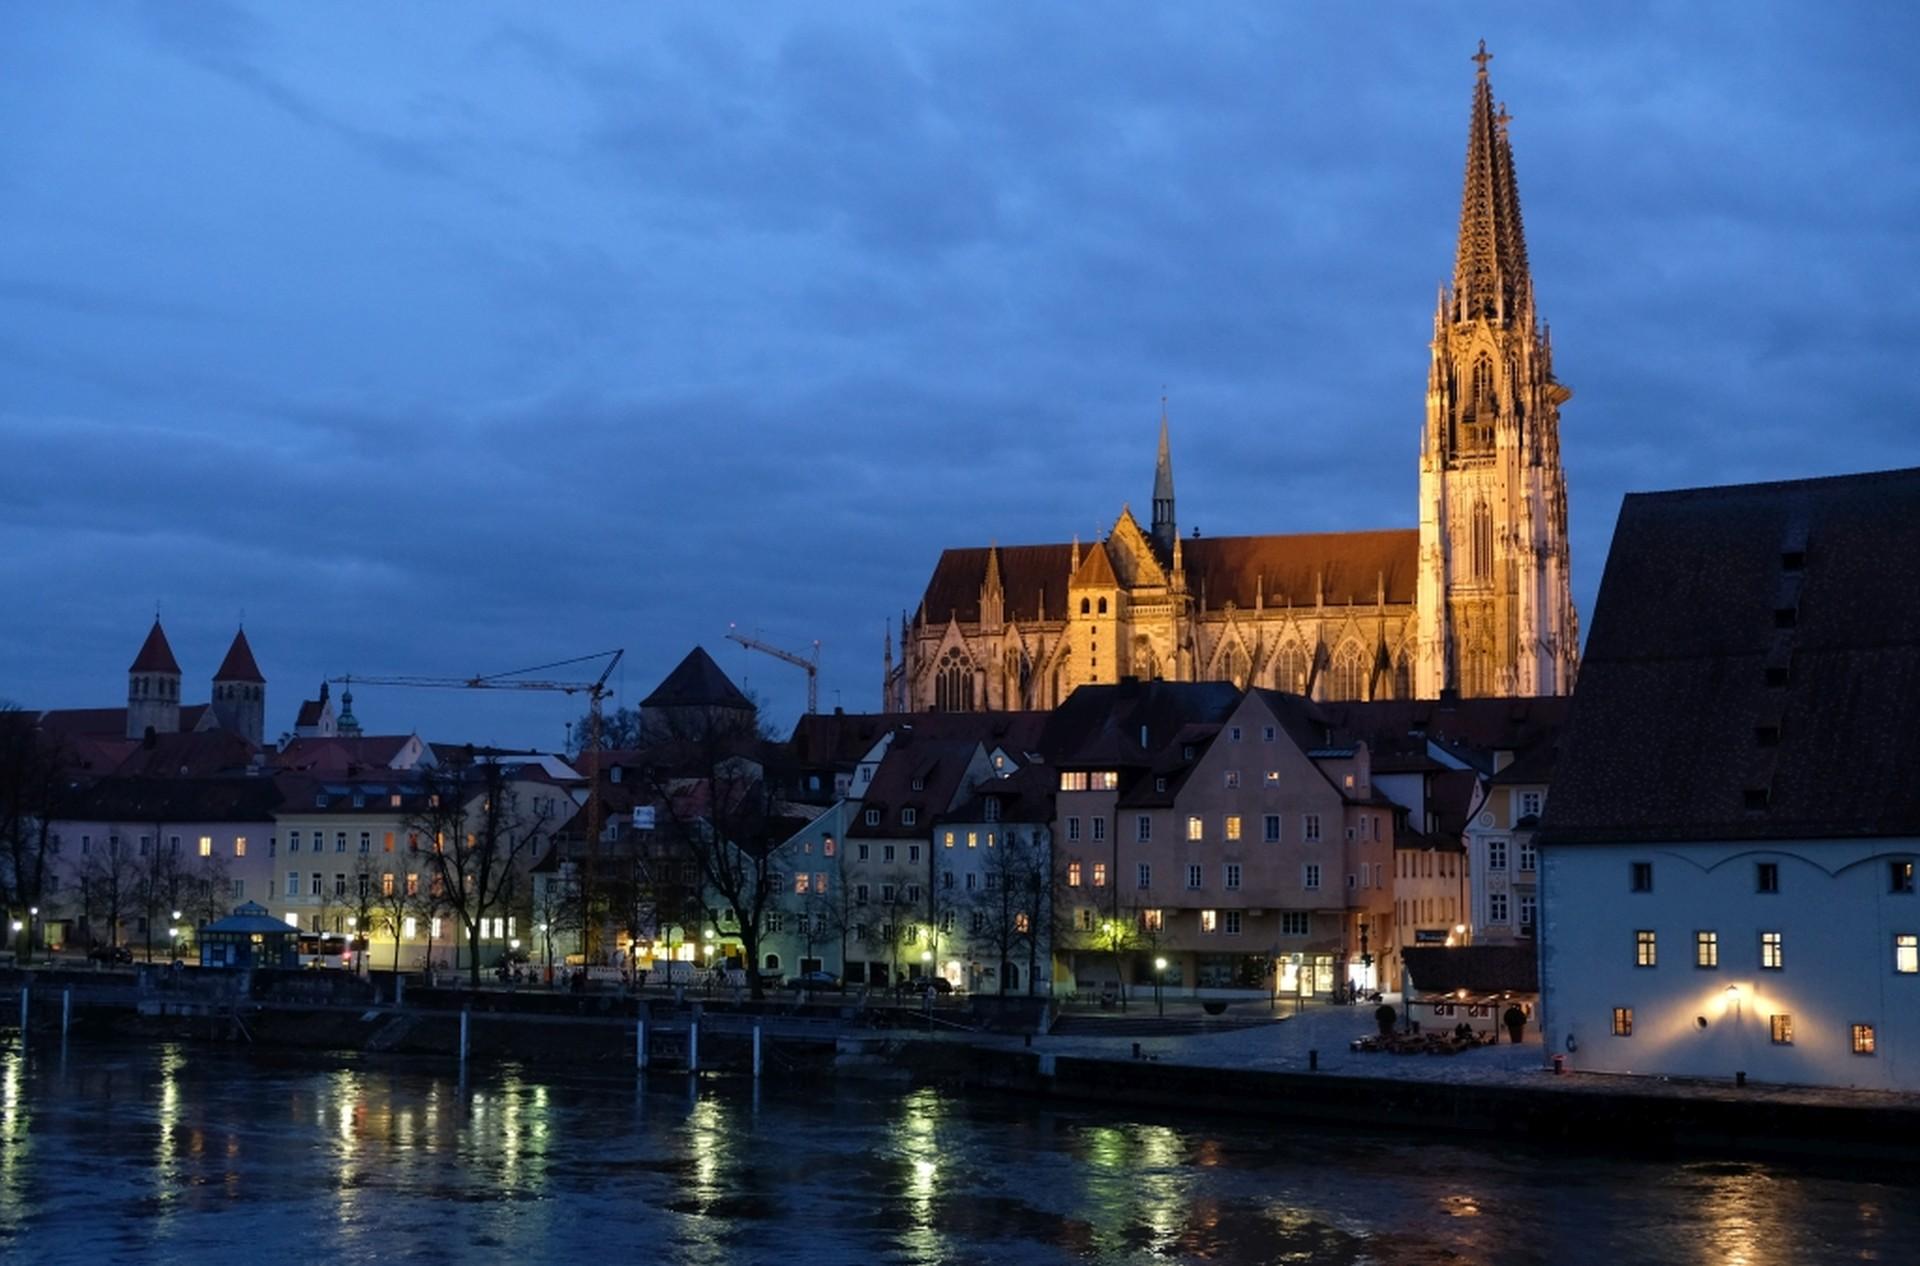 Der Regensburger Dom im Abendlicht